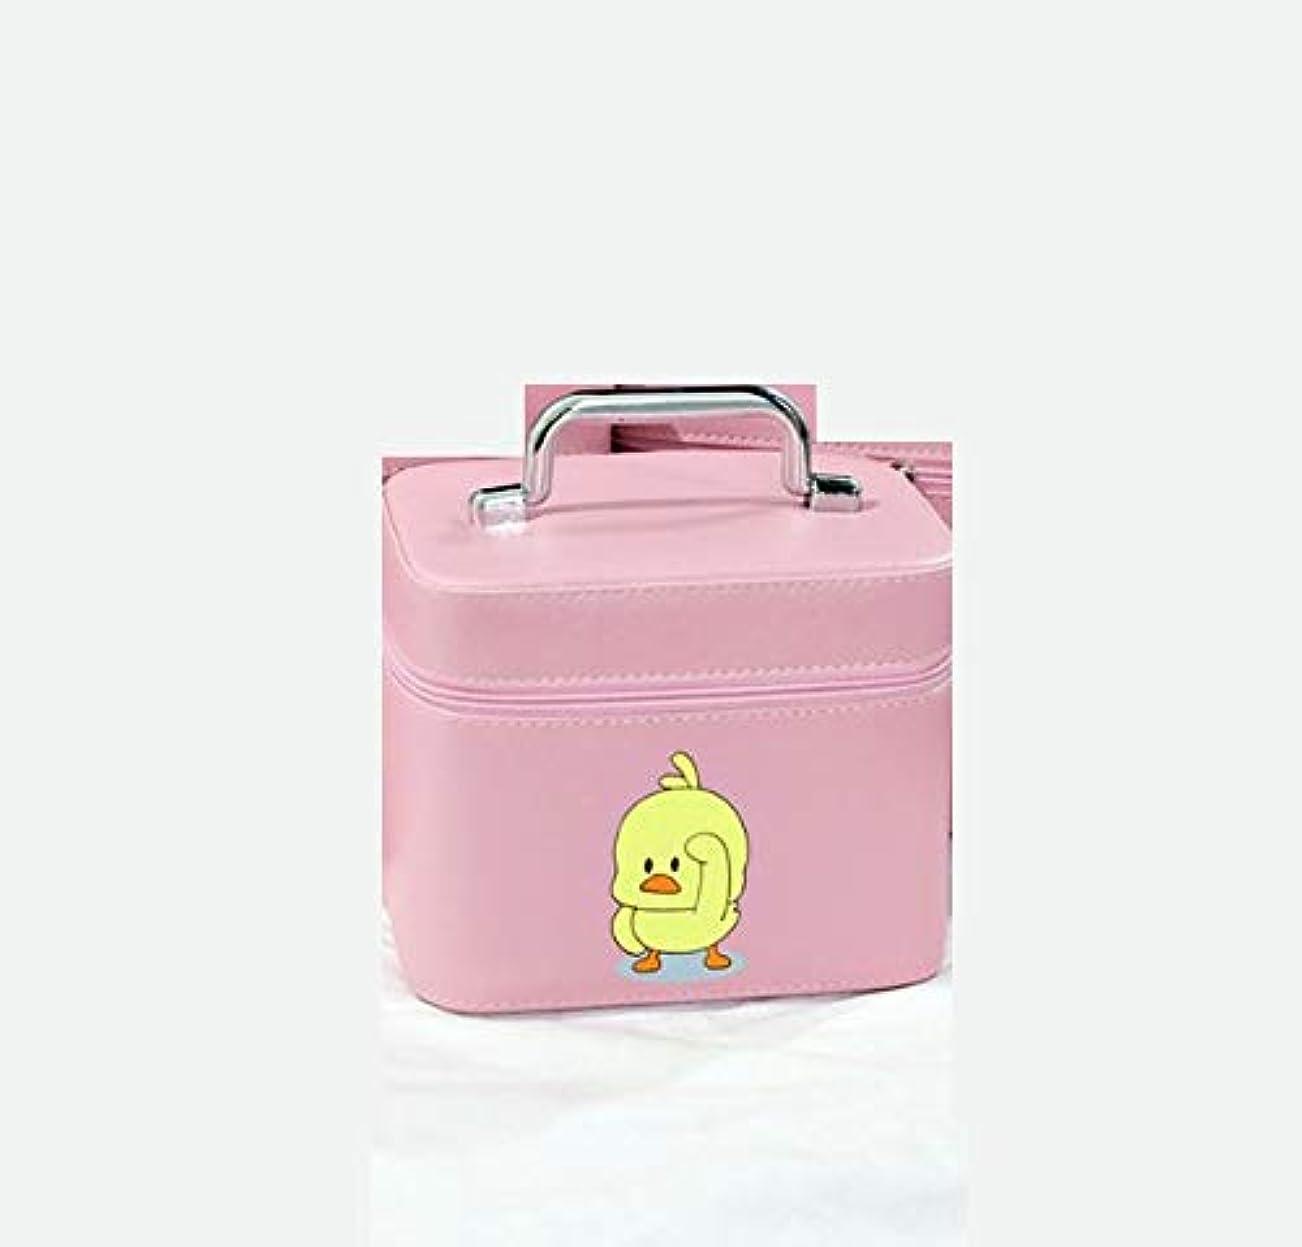 咲くほとんどない用量化粧箱、大容量漫画アヒル化粧品ケース、ポータブル旅行化粧品ケース、美容ネイルジュエリー収納ボックス (Size : M)